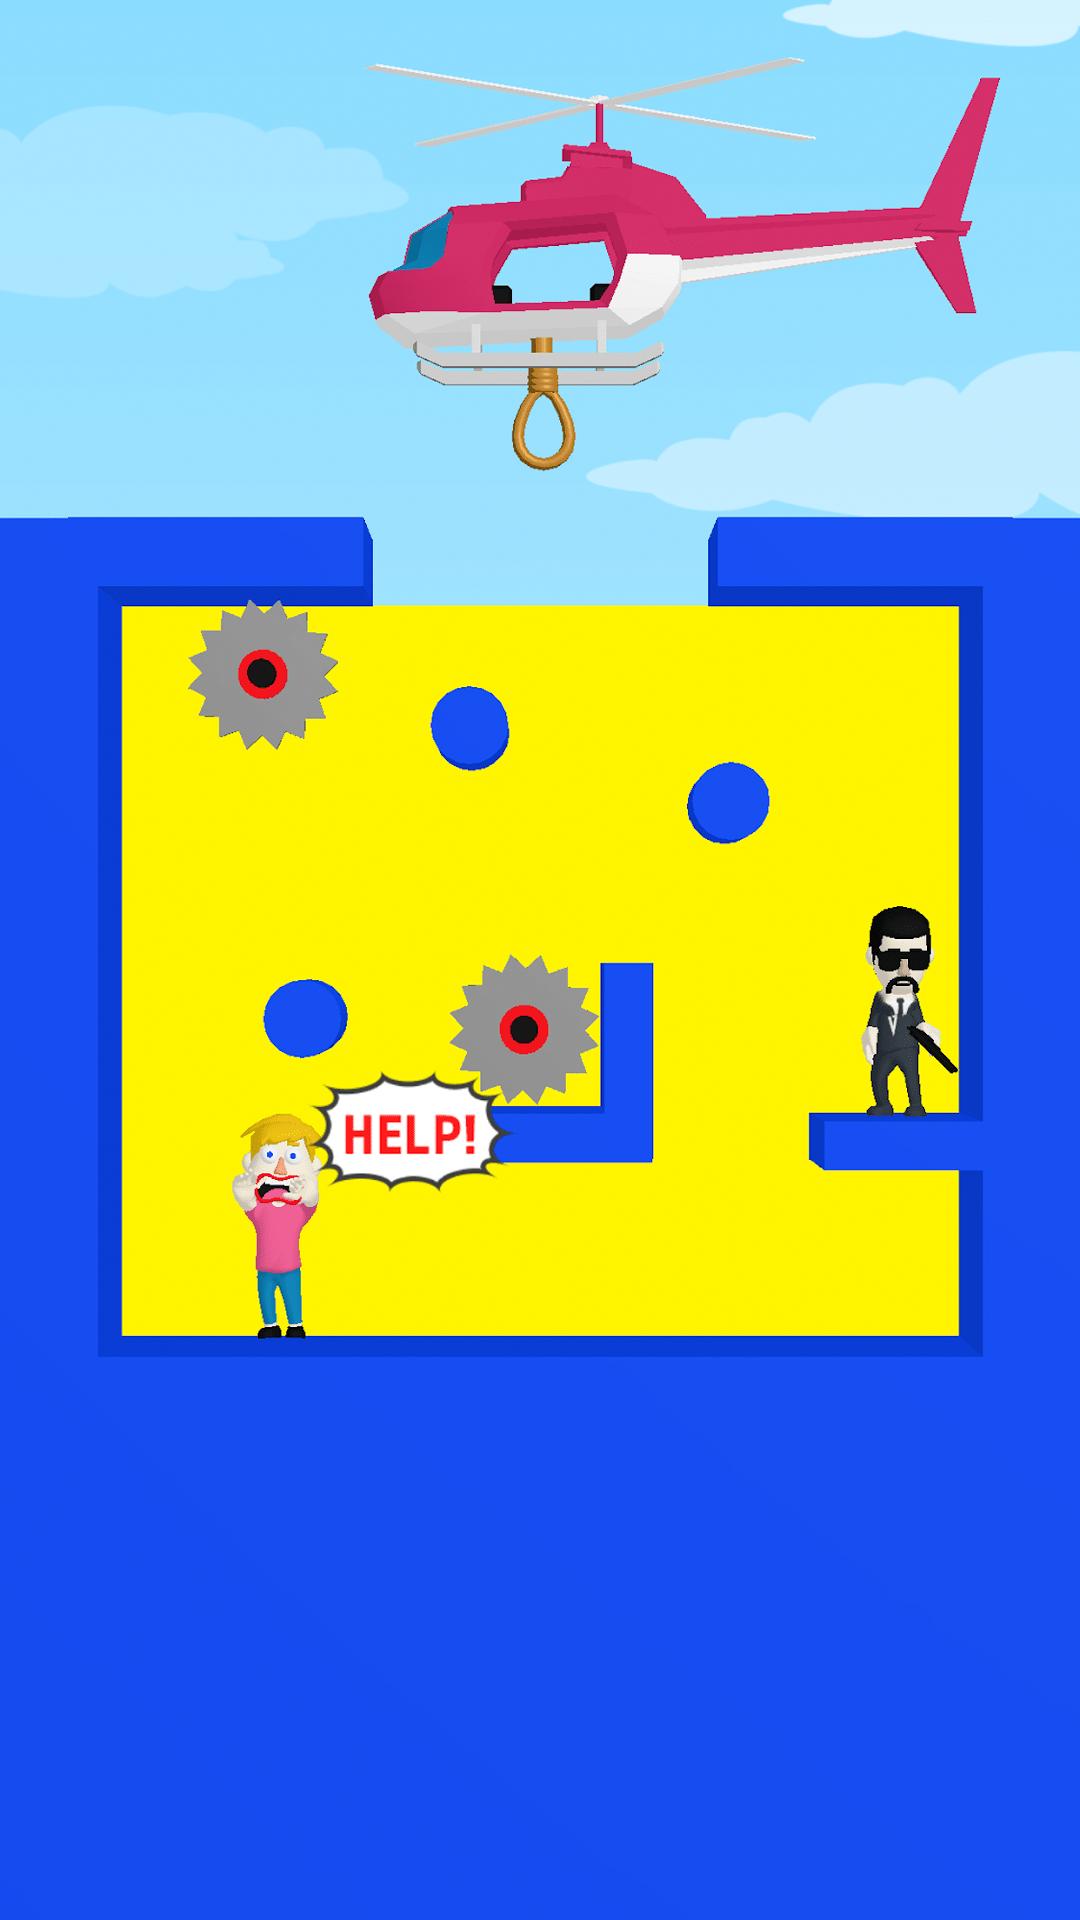 直升机救救我游戏